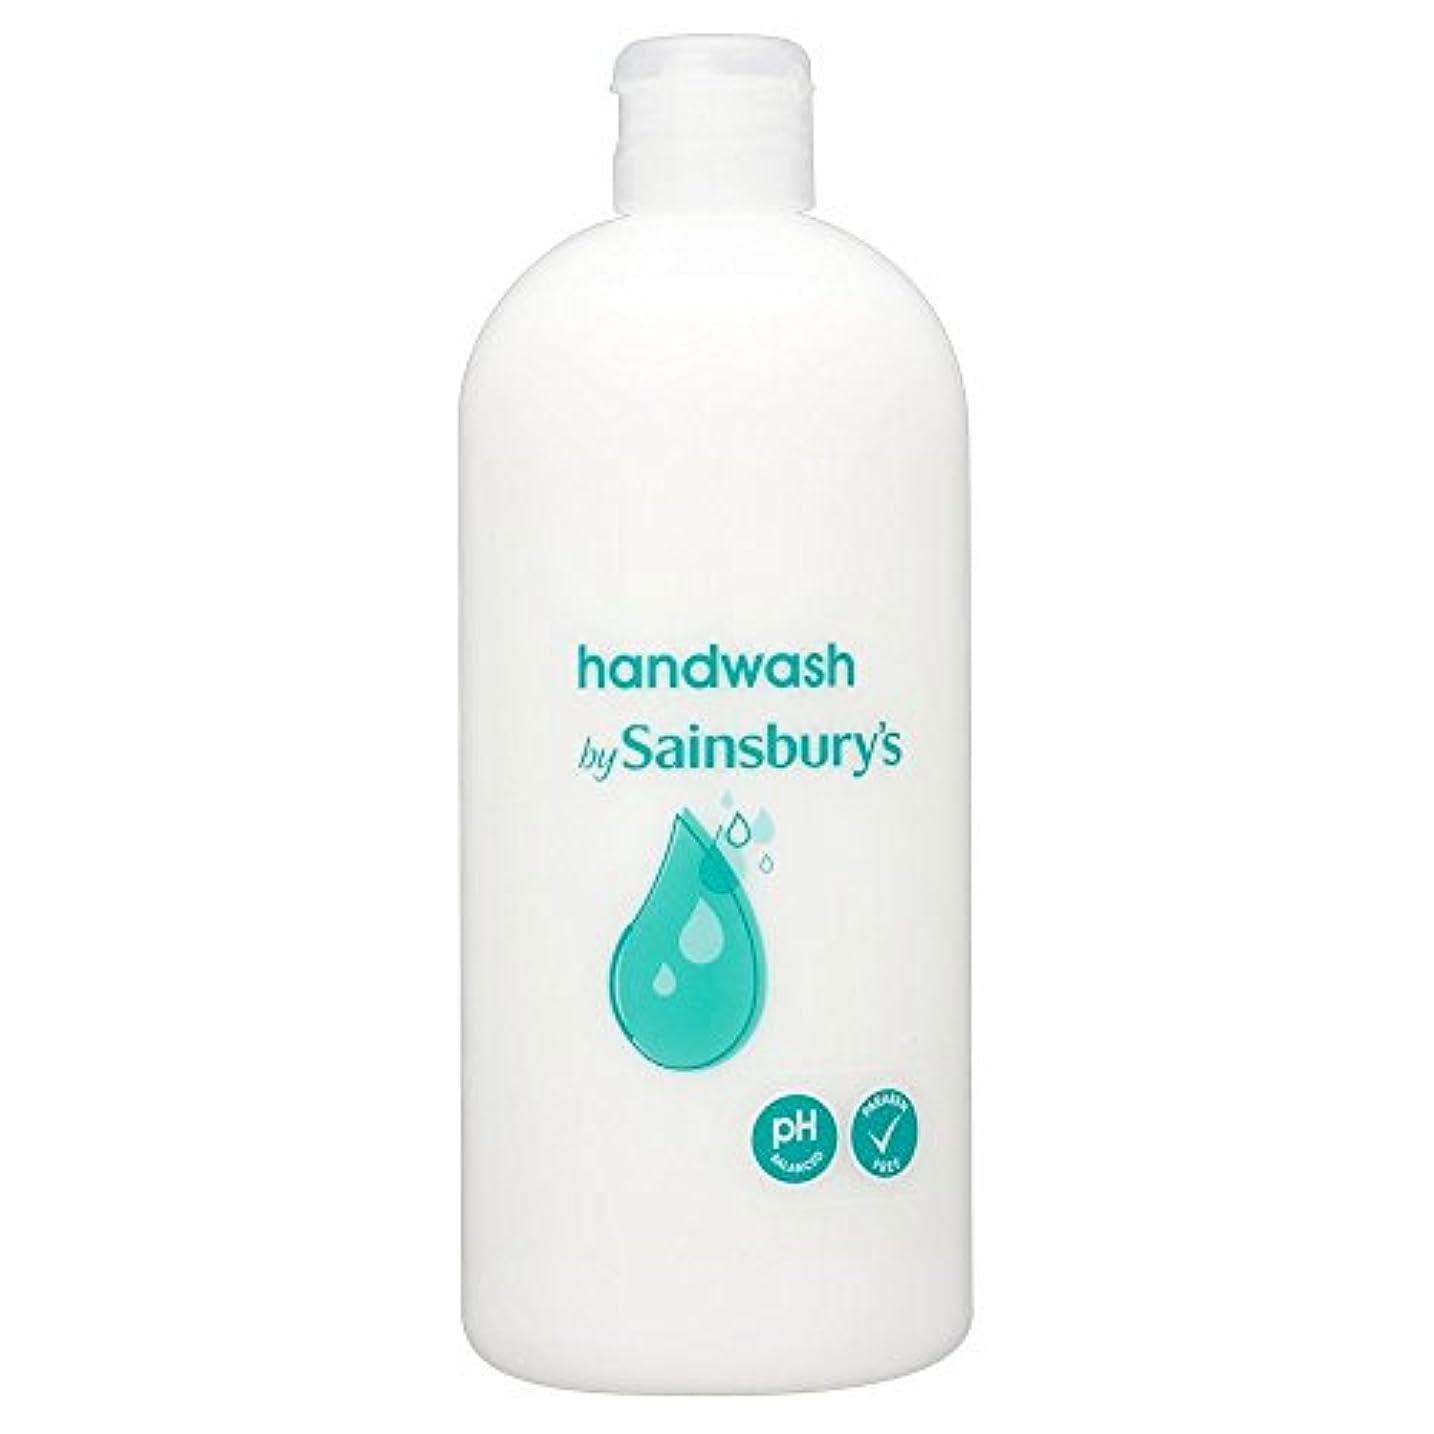 パテ上下する習熟度Sainsbury's Handwash, White Refill 500ml (Pack of 2) - (Sainsbury's) 手洗い、白リフィル500ミリリットル (x2) [並行輸入品]